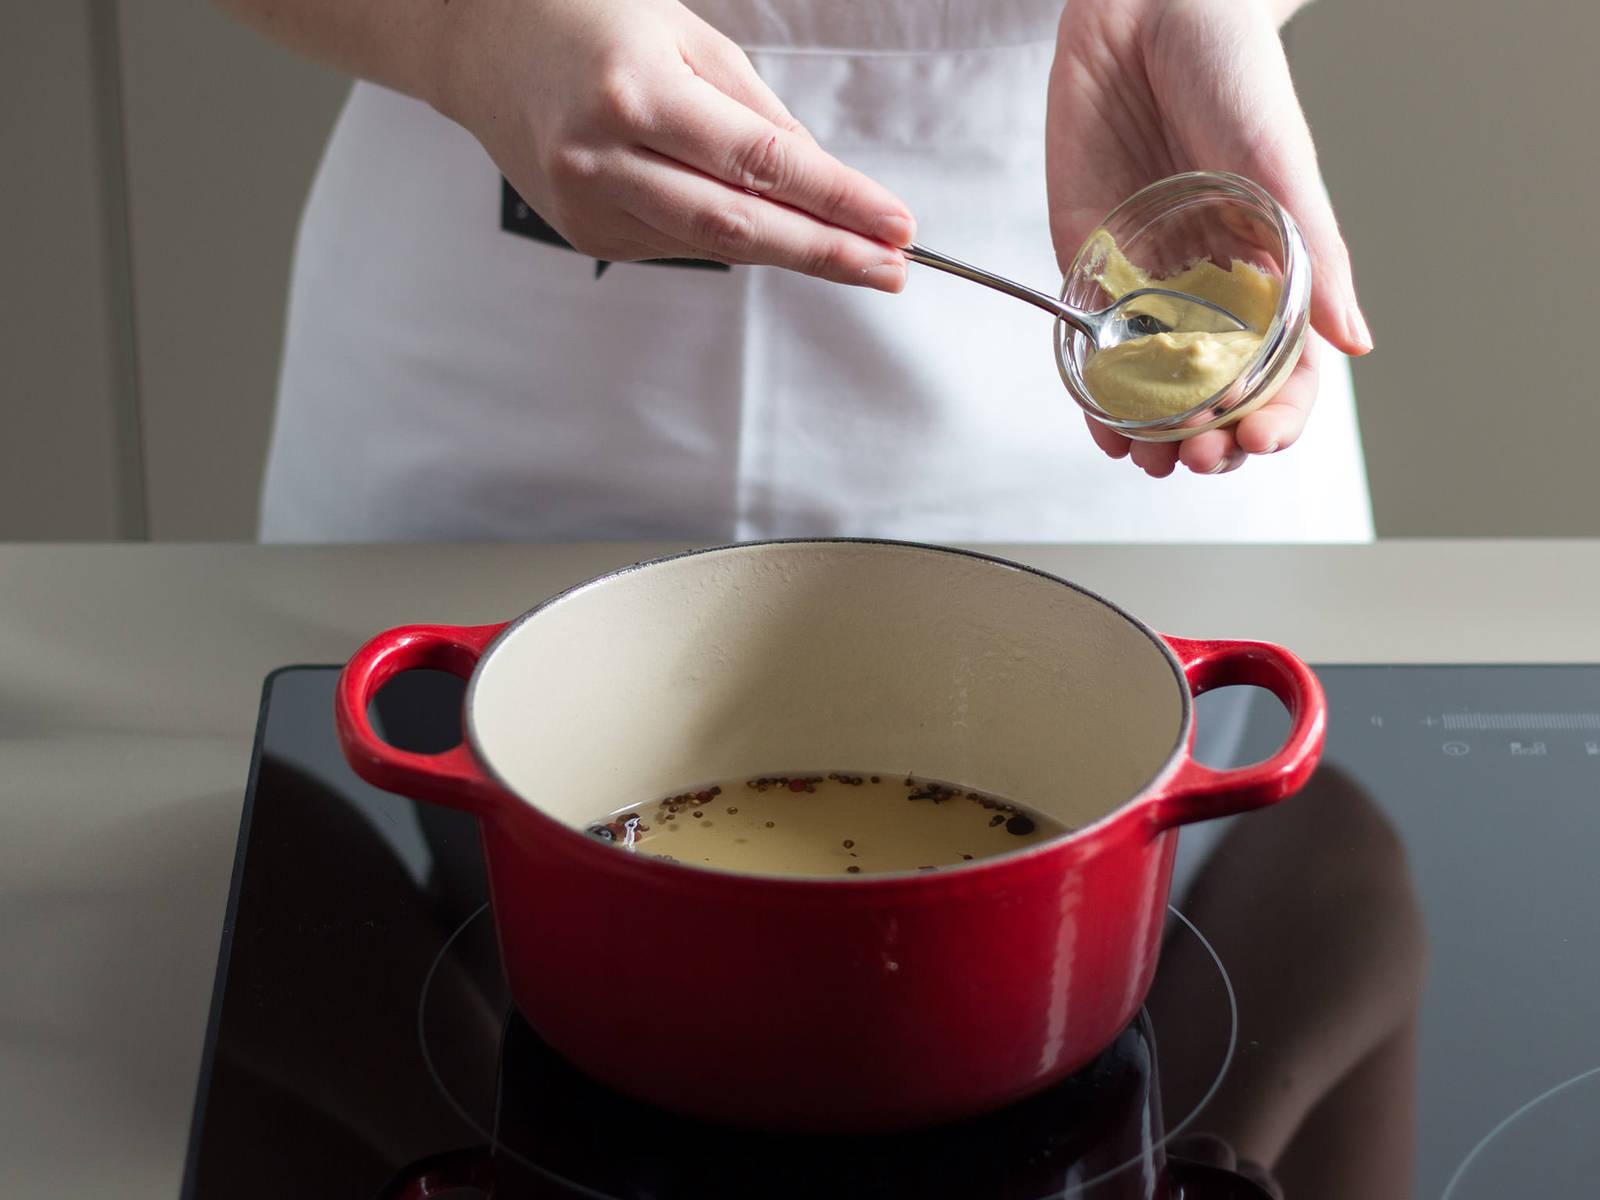 向小锅中加入杜松子、香菜籽、丁香、胡椒、芥末酱、水、白葡萄酒、糖与盐,用中温加热5-10分钟。